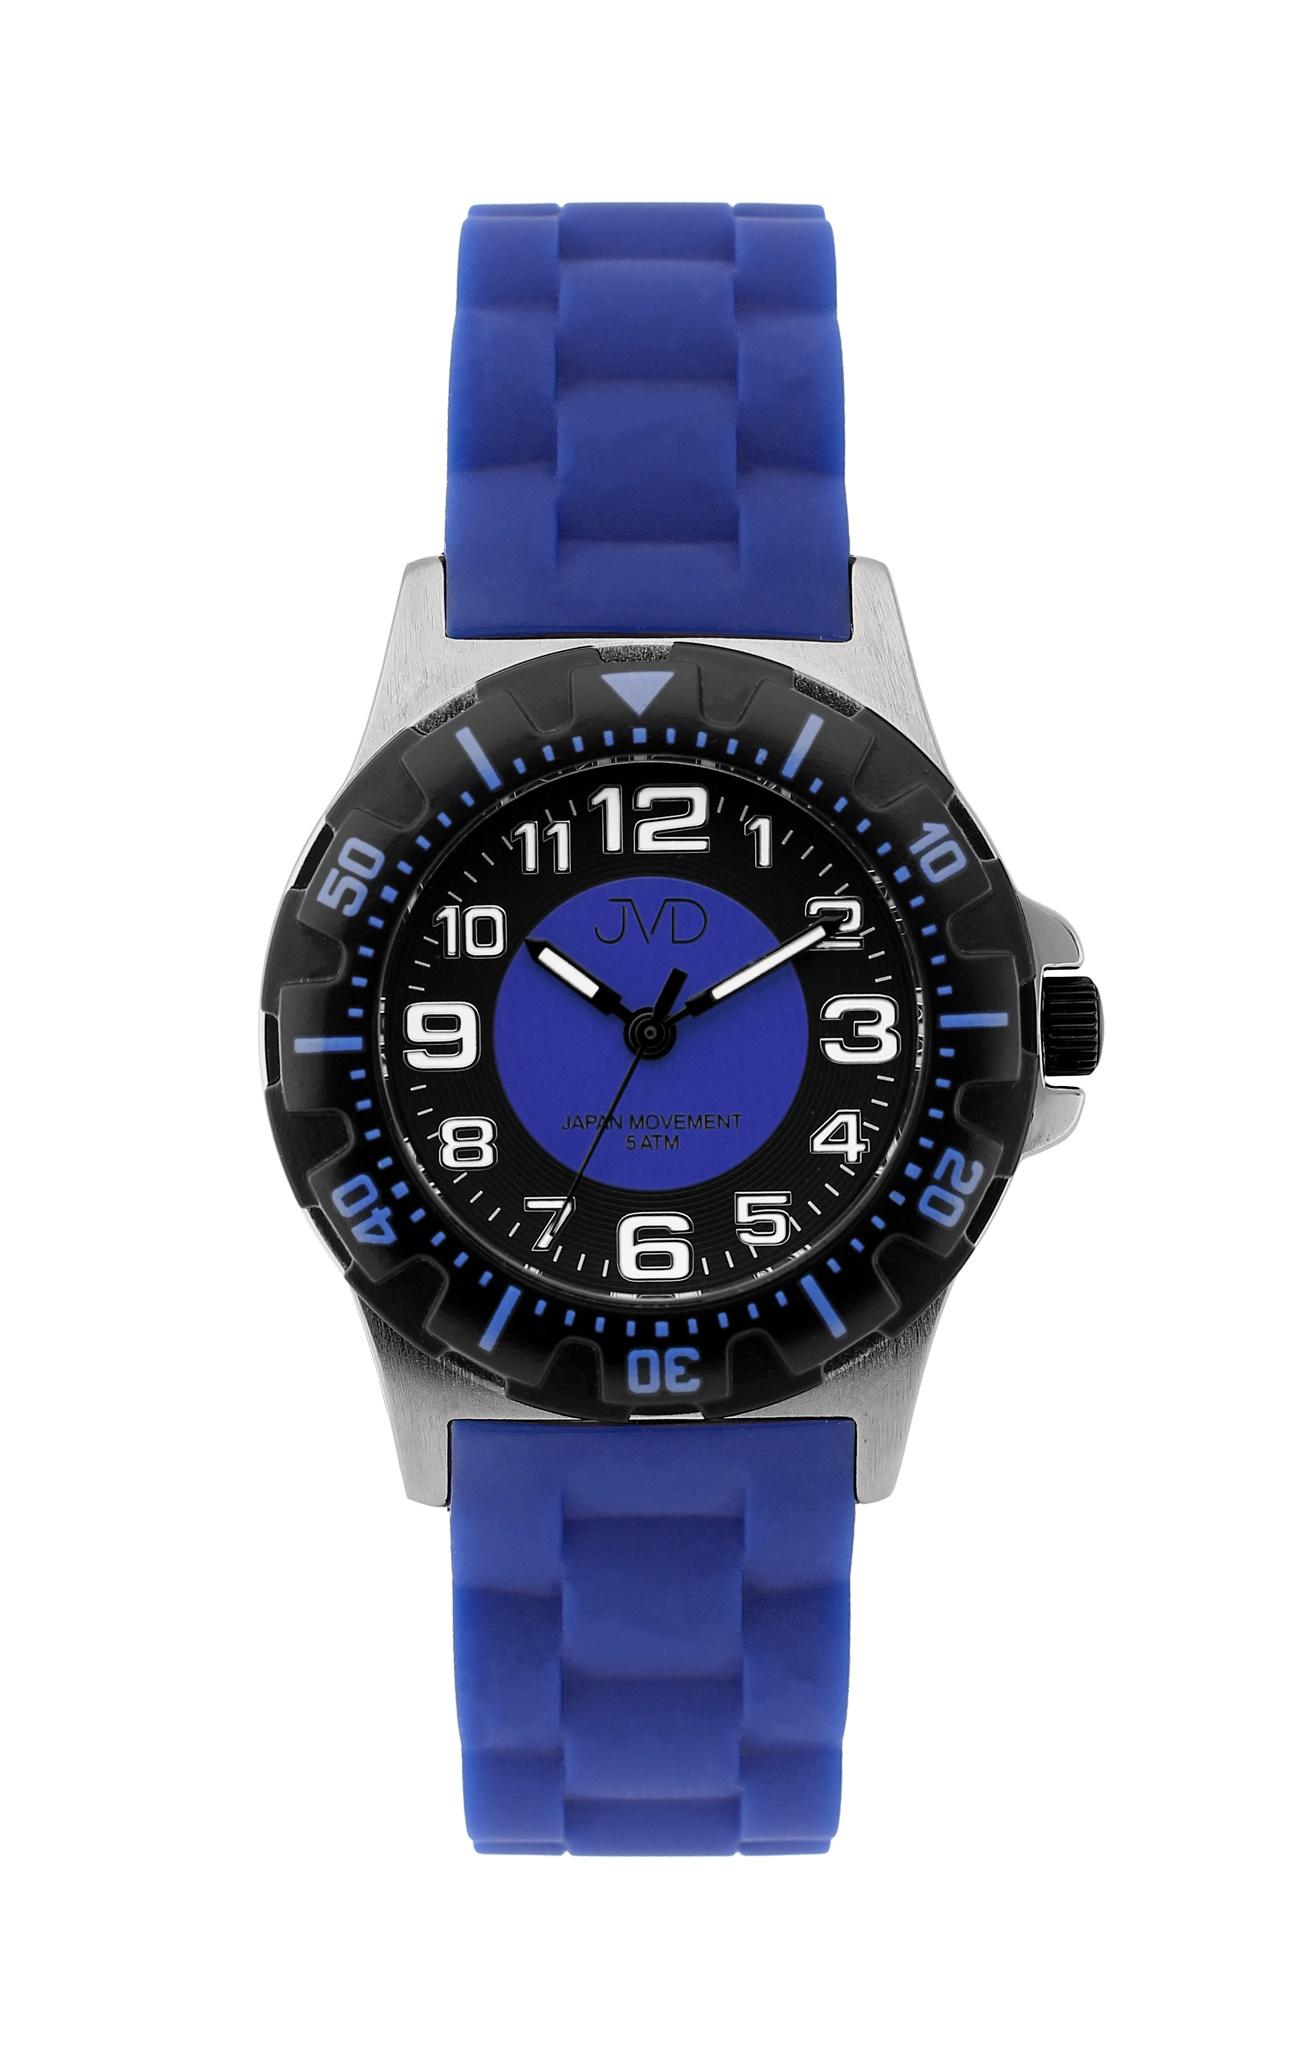 Chlapecké dětské vodotěsné sportovní hodinky JVD J7168.5 - 5ATM (modré chlapecké voděodolné hodinky)